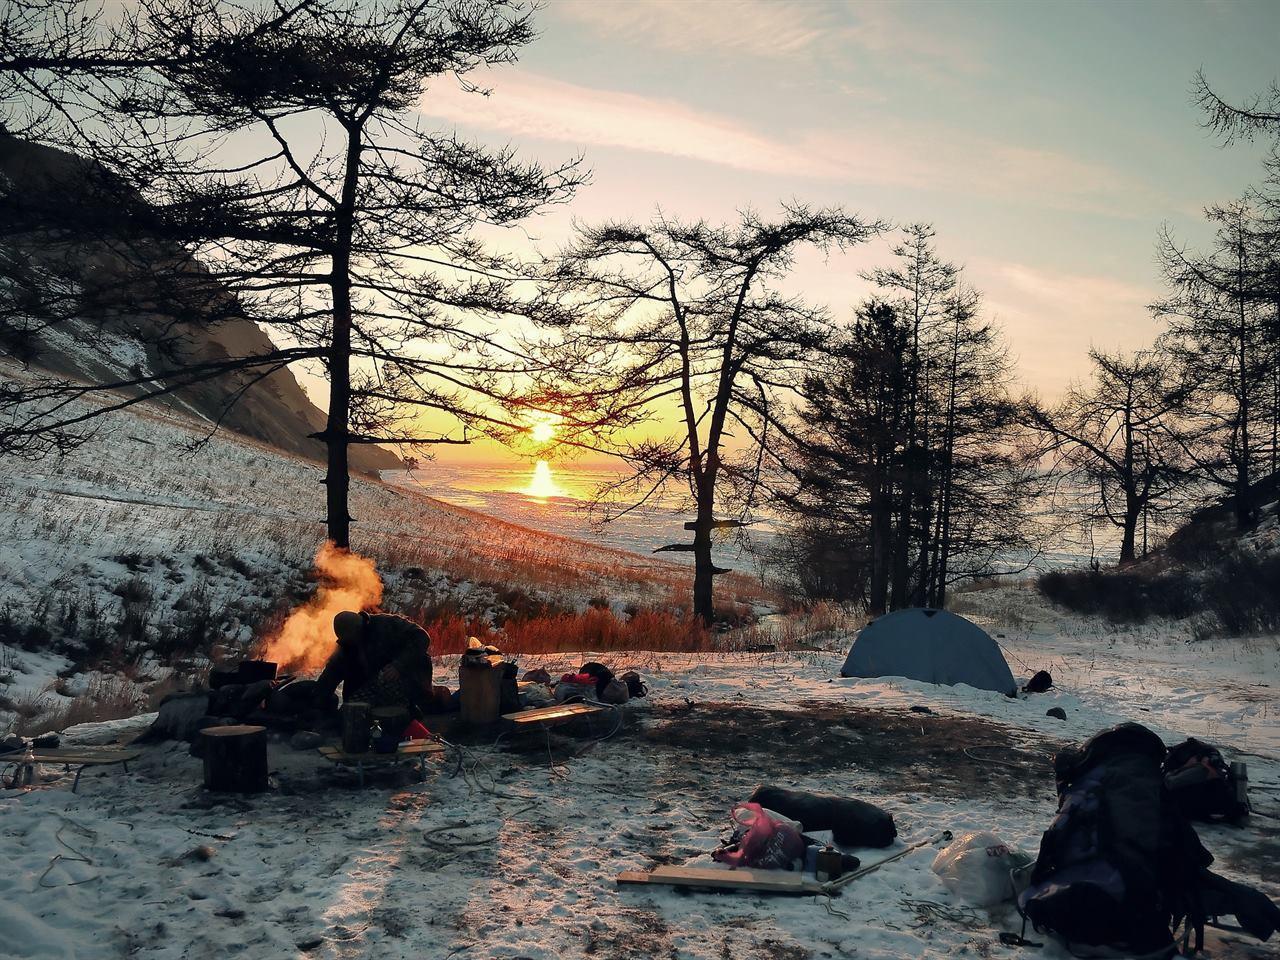 лагерь зимой в лесу с туристами